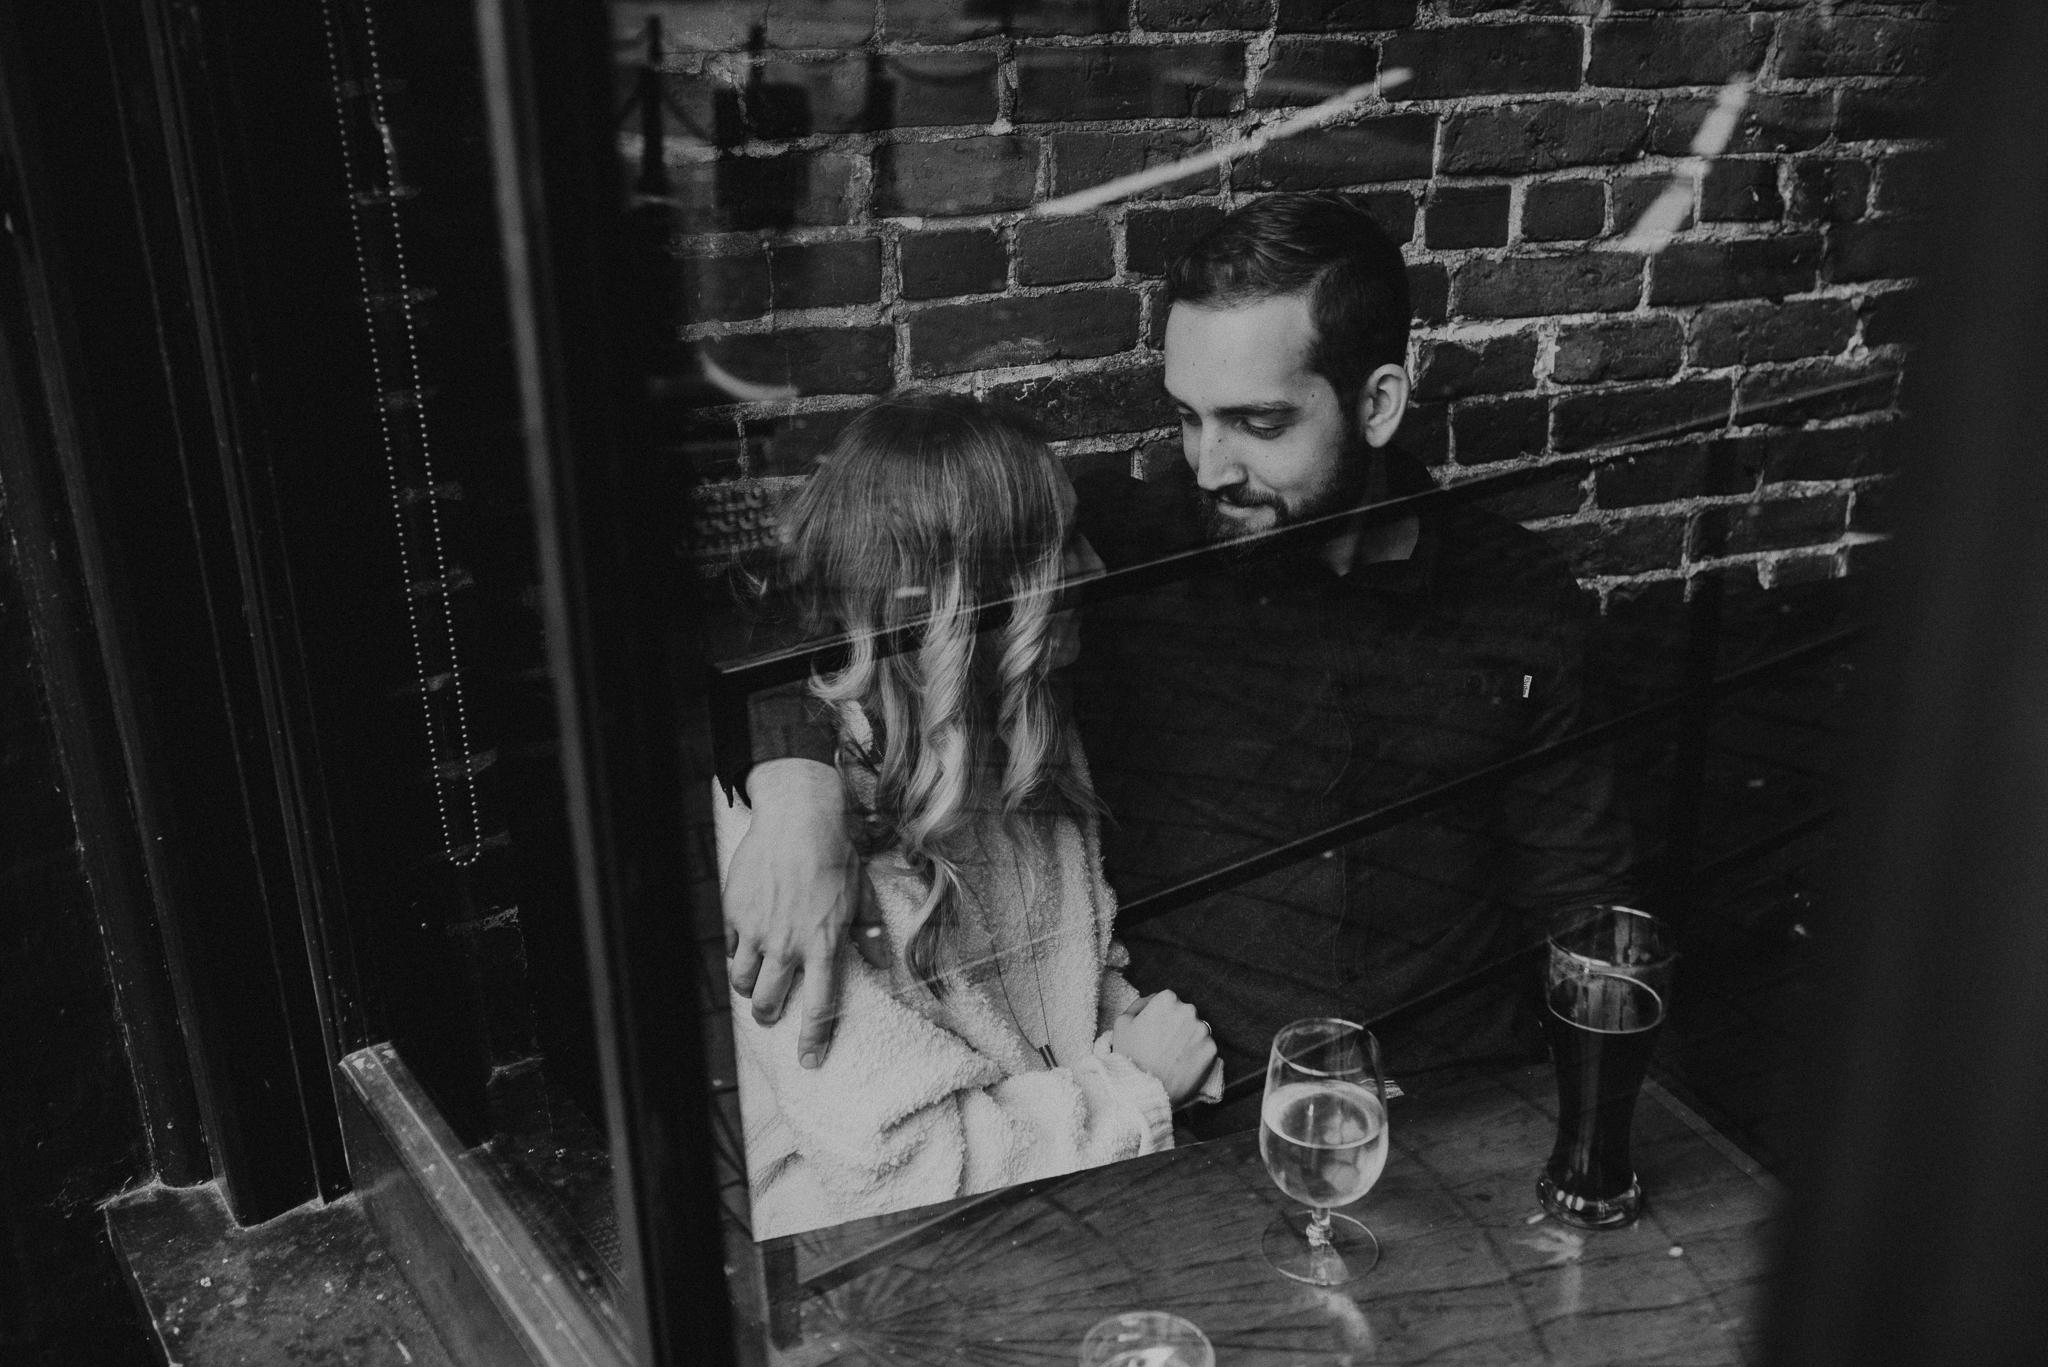 Amanda & Eric Gastown Vancouver Engagement Session - Laura Olson Photography - Sunshine Coast BC Photographer - Vancouver Photographer-1960.jpg